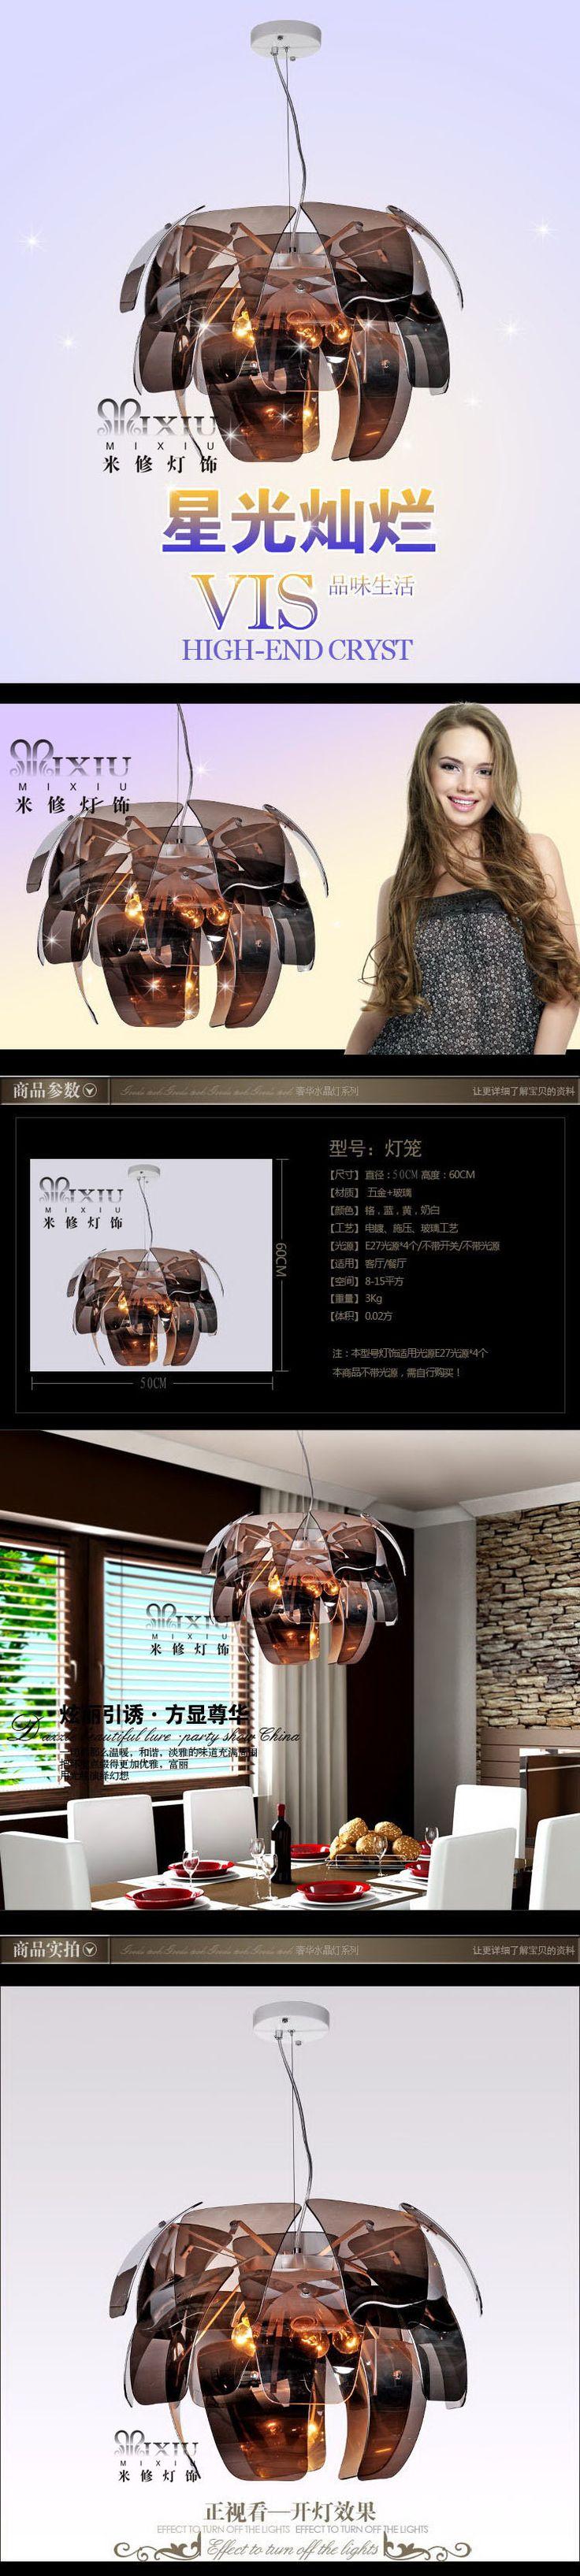 Эхинацея новый ресторан стеклянная люстра люстра лампа гостиной люстра спальне люстра инженерно - Taobao